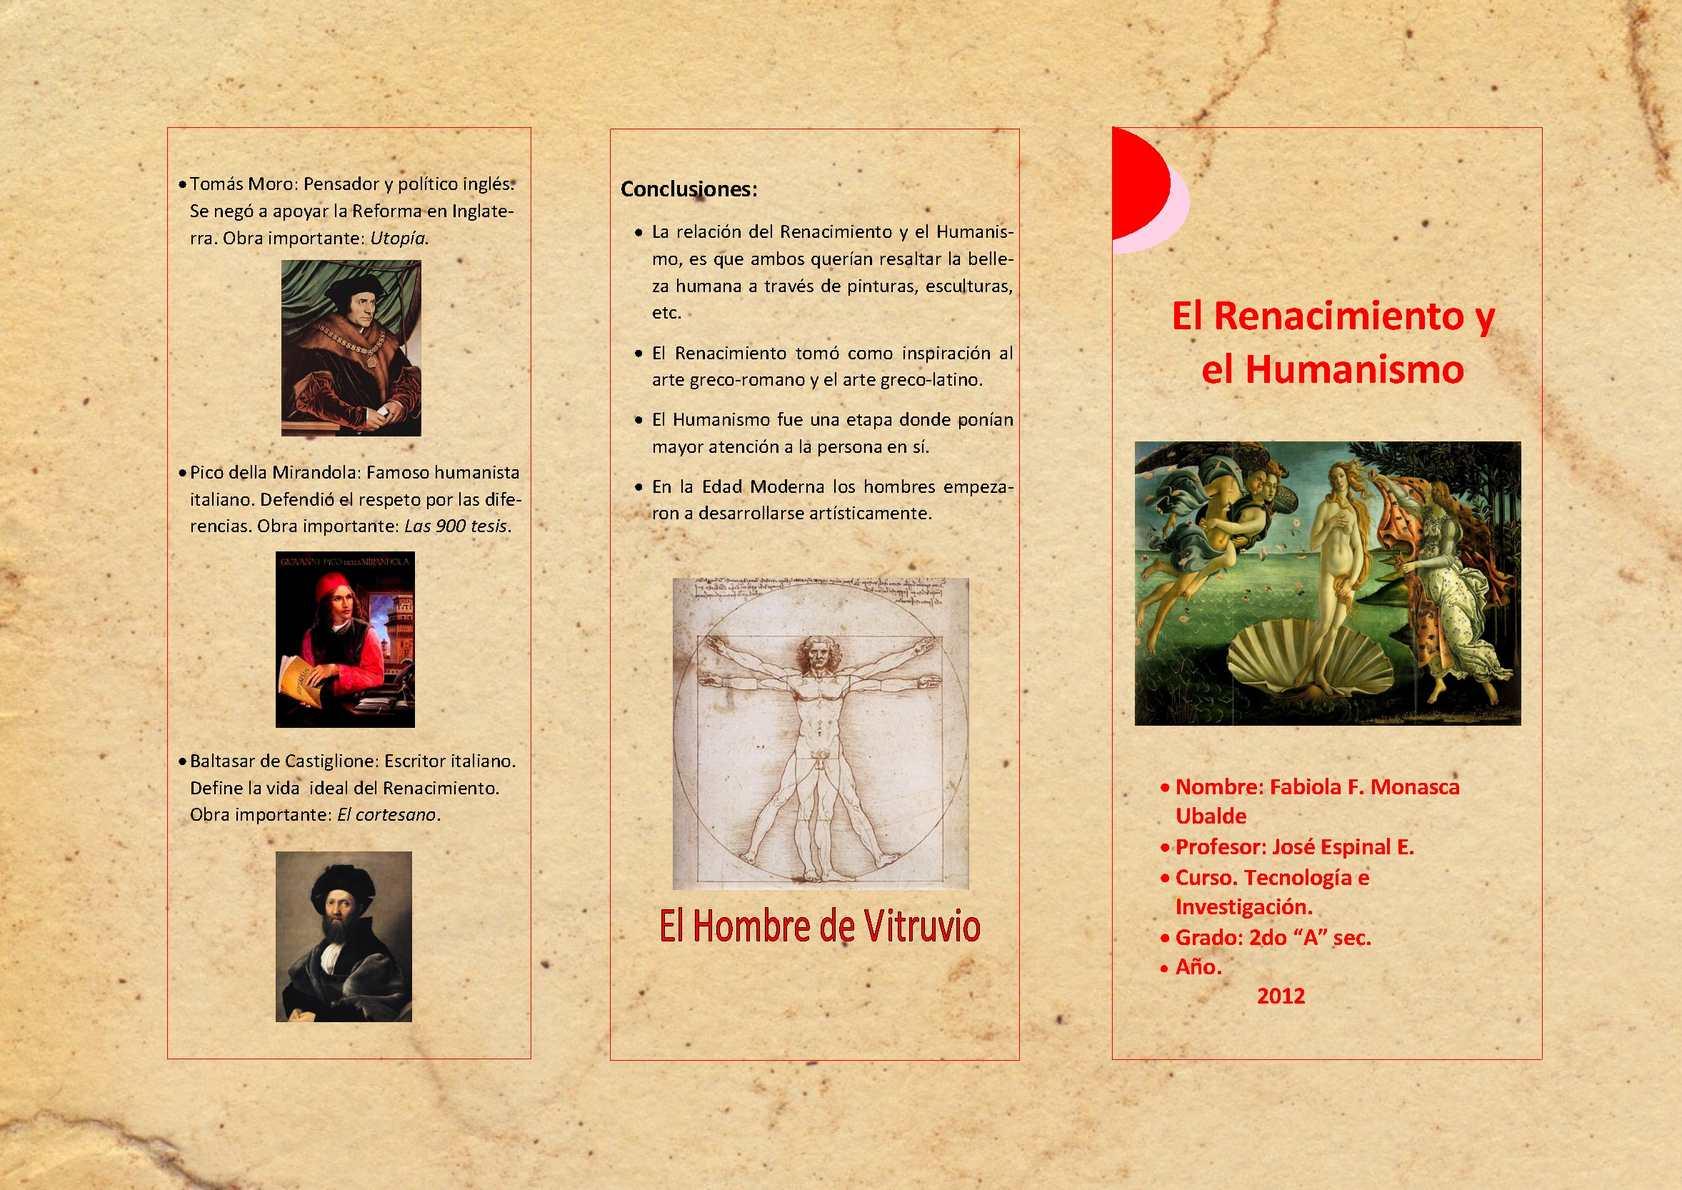 d7c4fdefd9d Calaméo - Triptico del Renacimiento y Humanismo